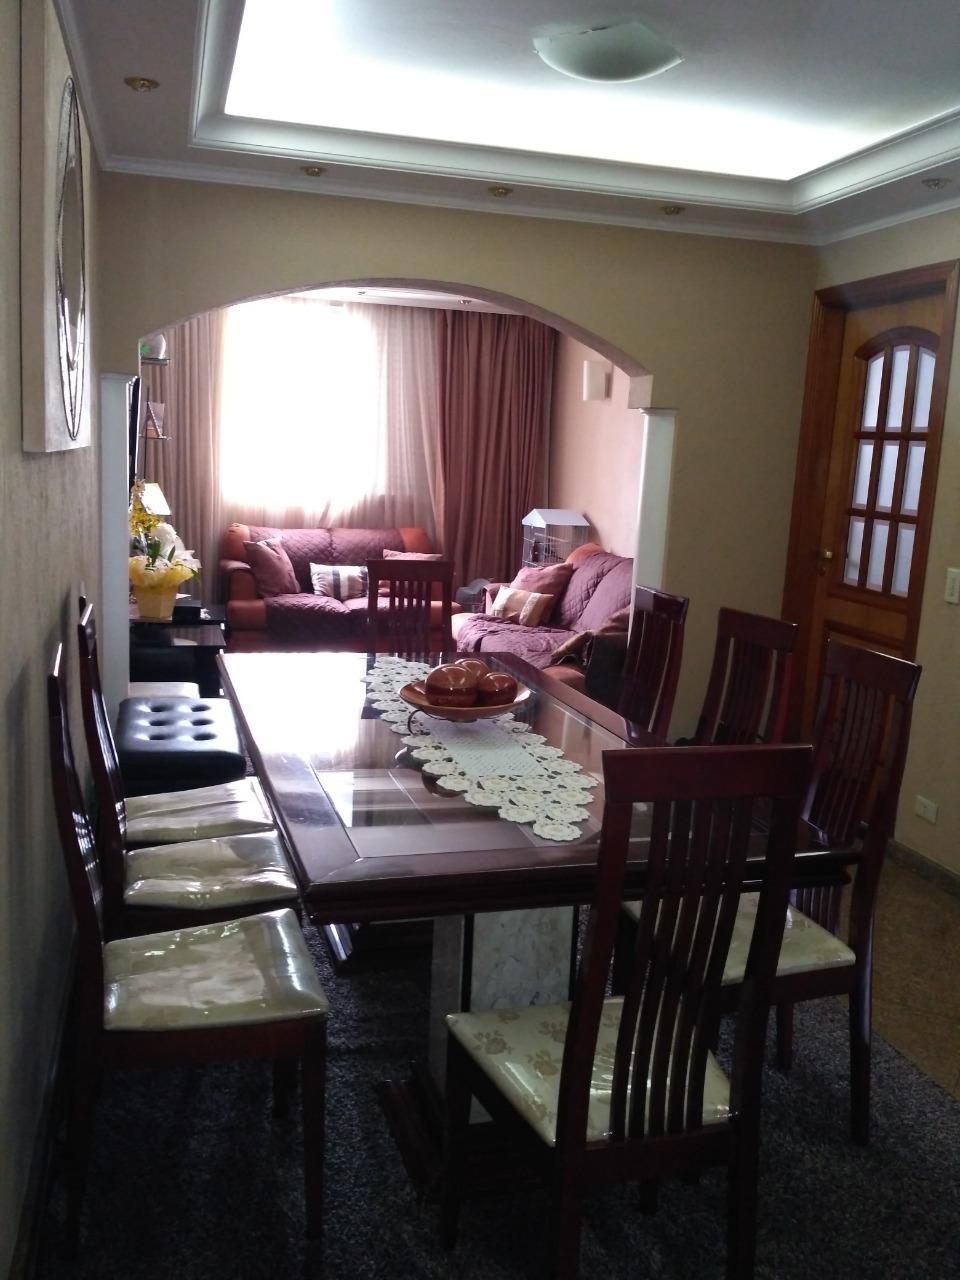 Rua José Tavares de Siqueira 97, Tatuapé, São Paulo 03085-030, 2 Dormitórios Dormitórios, 1 Sala Salas,1 BanheiroBanheiros,Apartamento,Vendas,Rua José Tavares de Siqueira ,8,1066